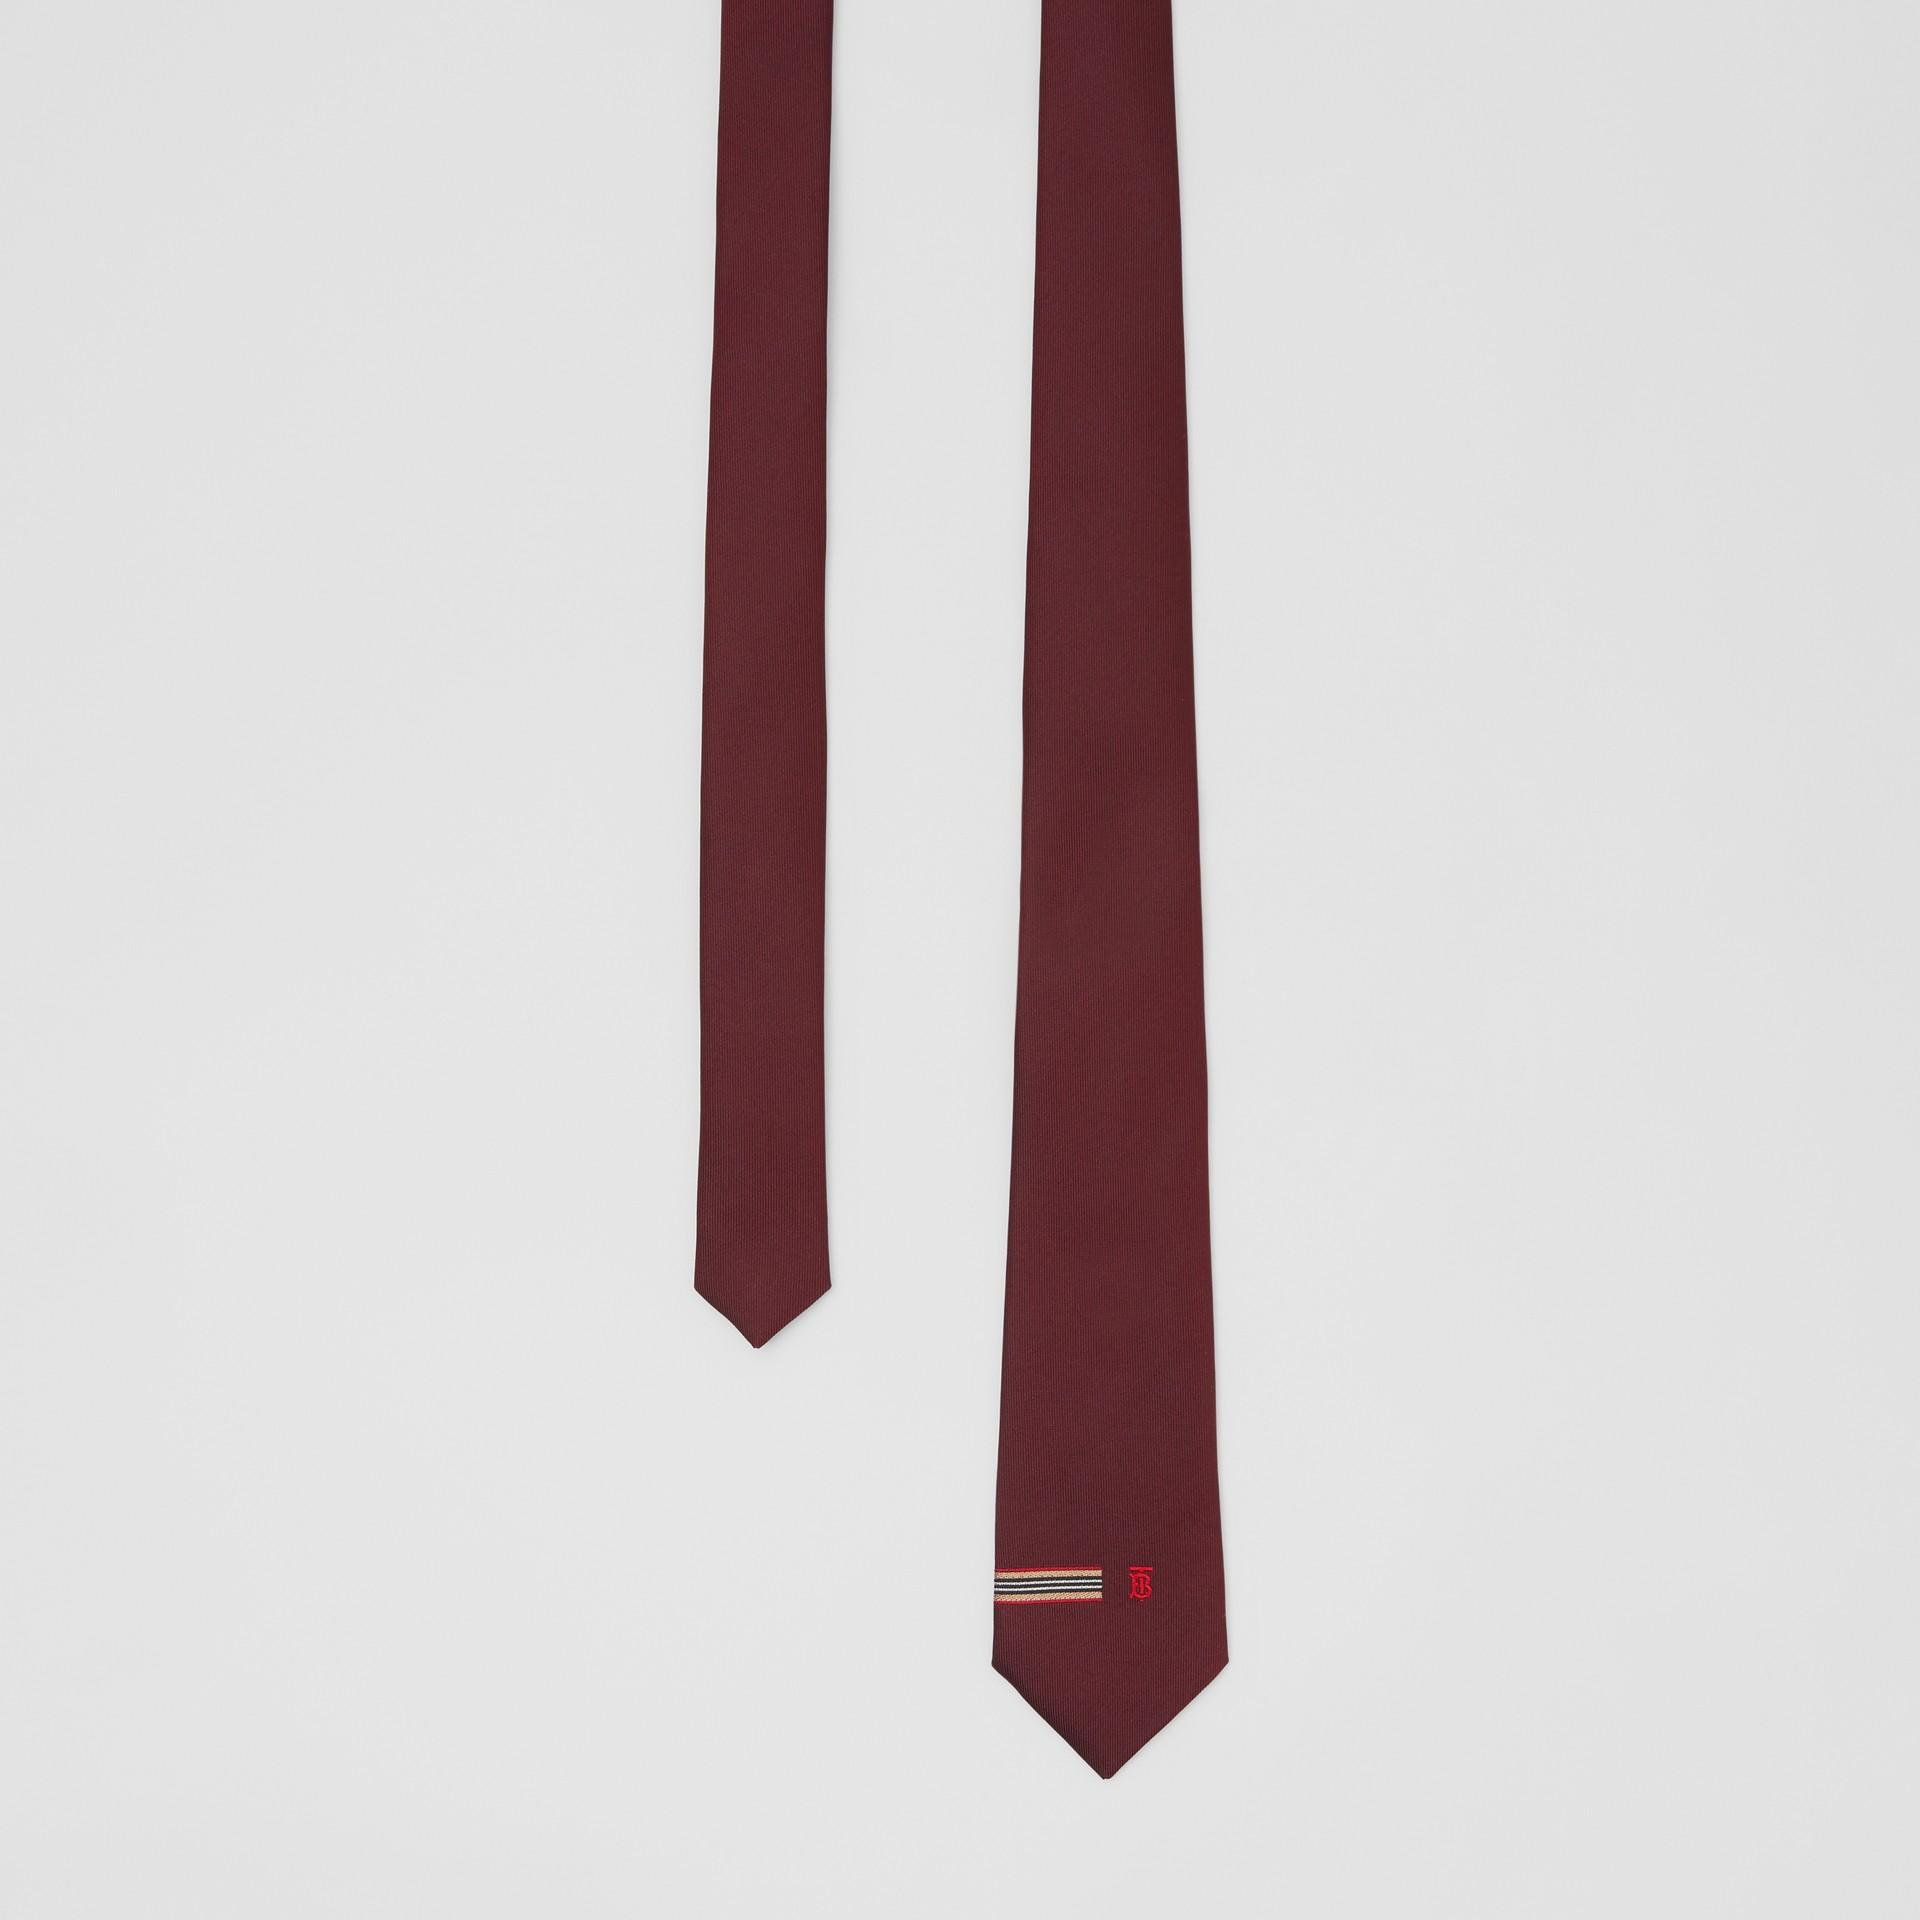 Corbata de pala clásica en seda con detalle a rayas Icon Stripe y monograma (Granate) - Hombre | Burberry - imagen de la galería 0